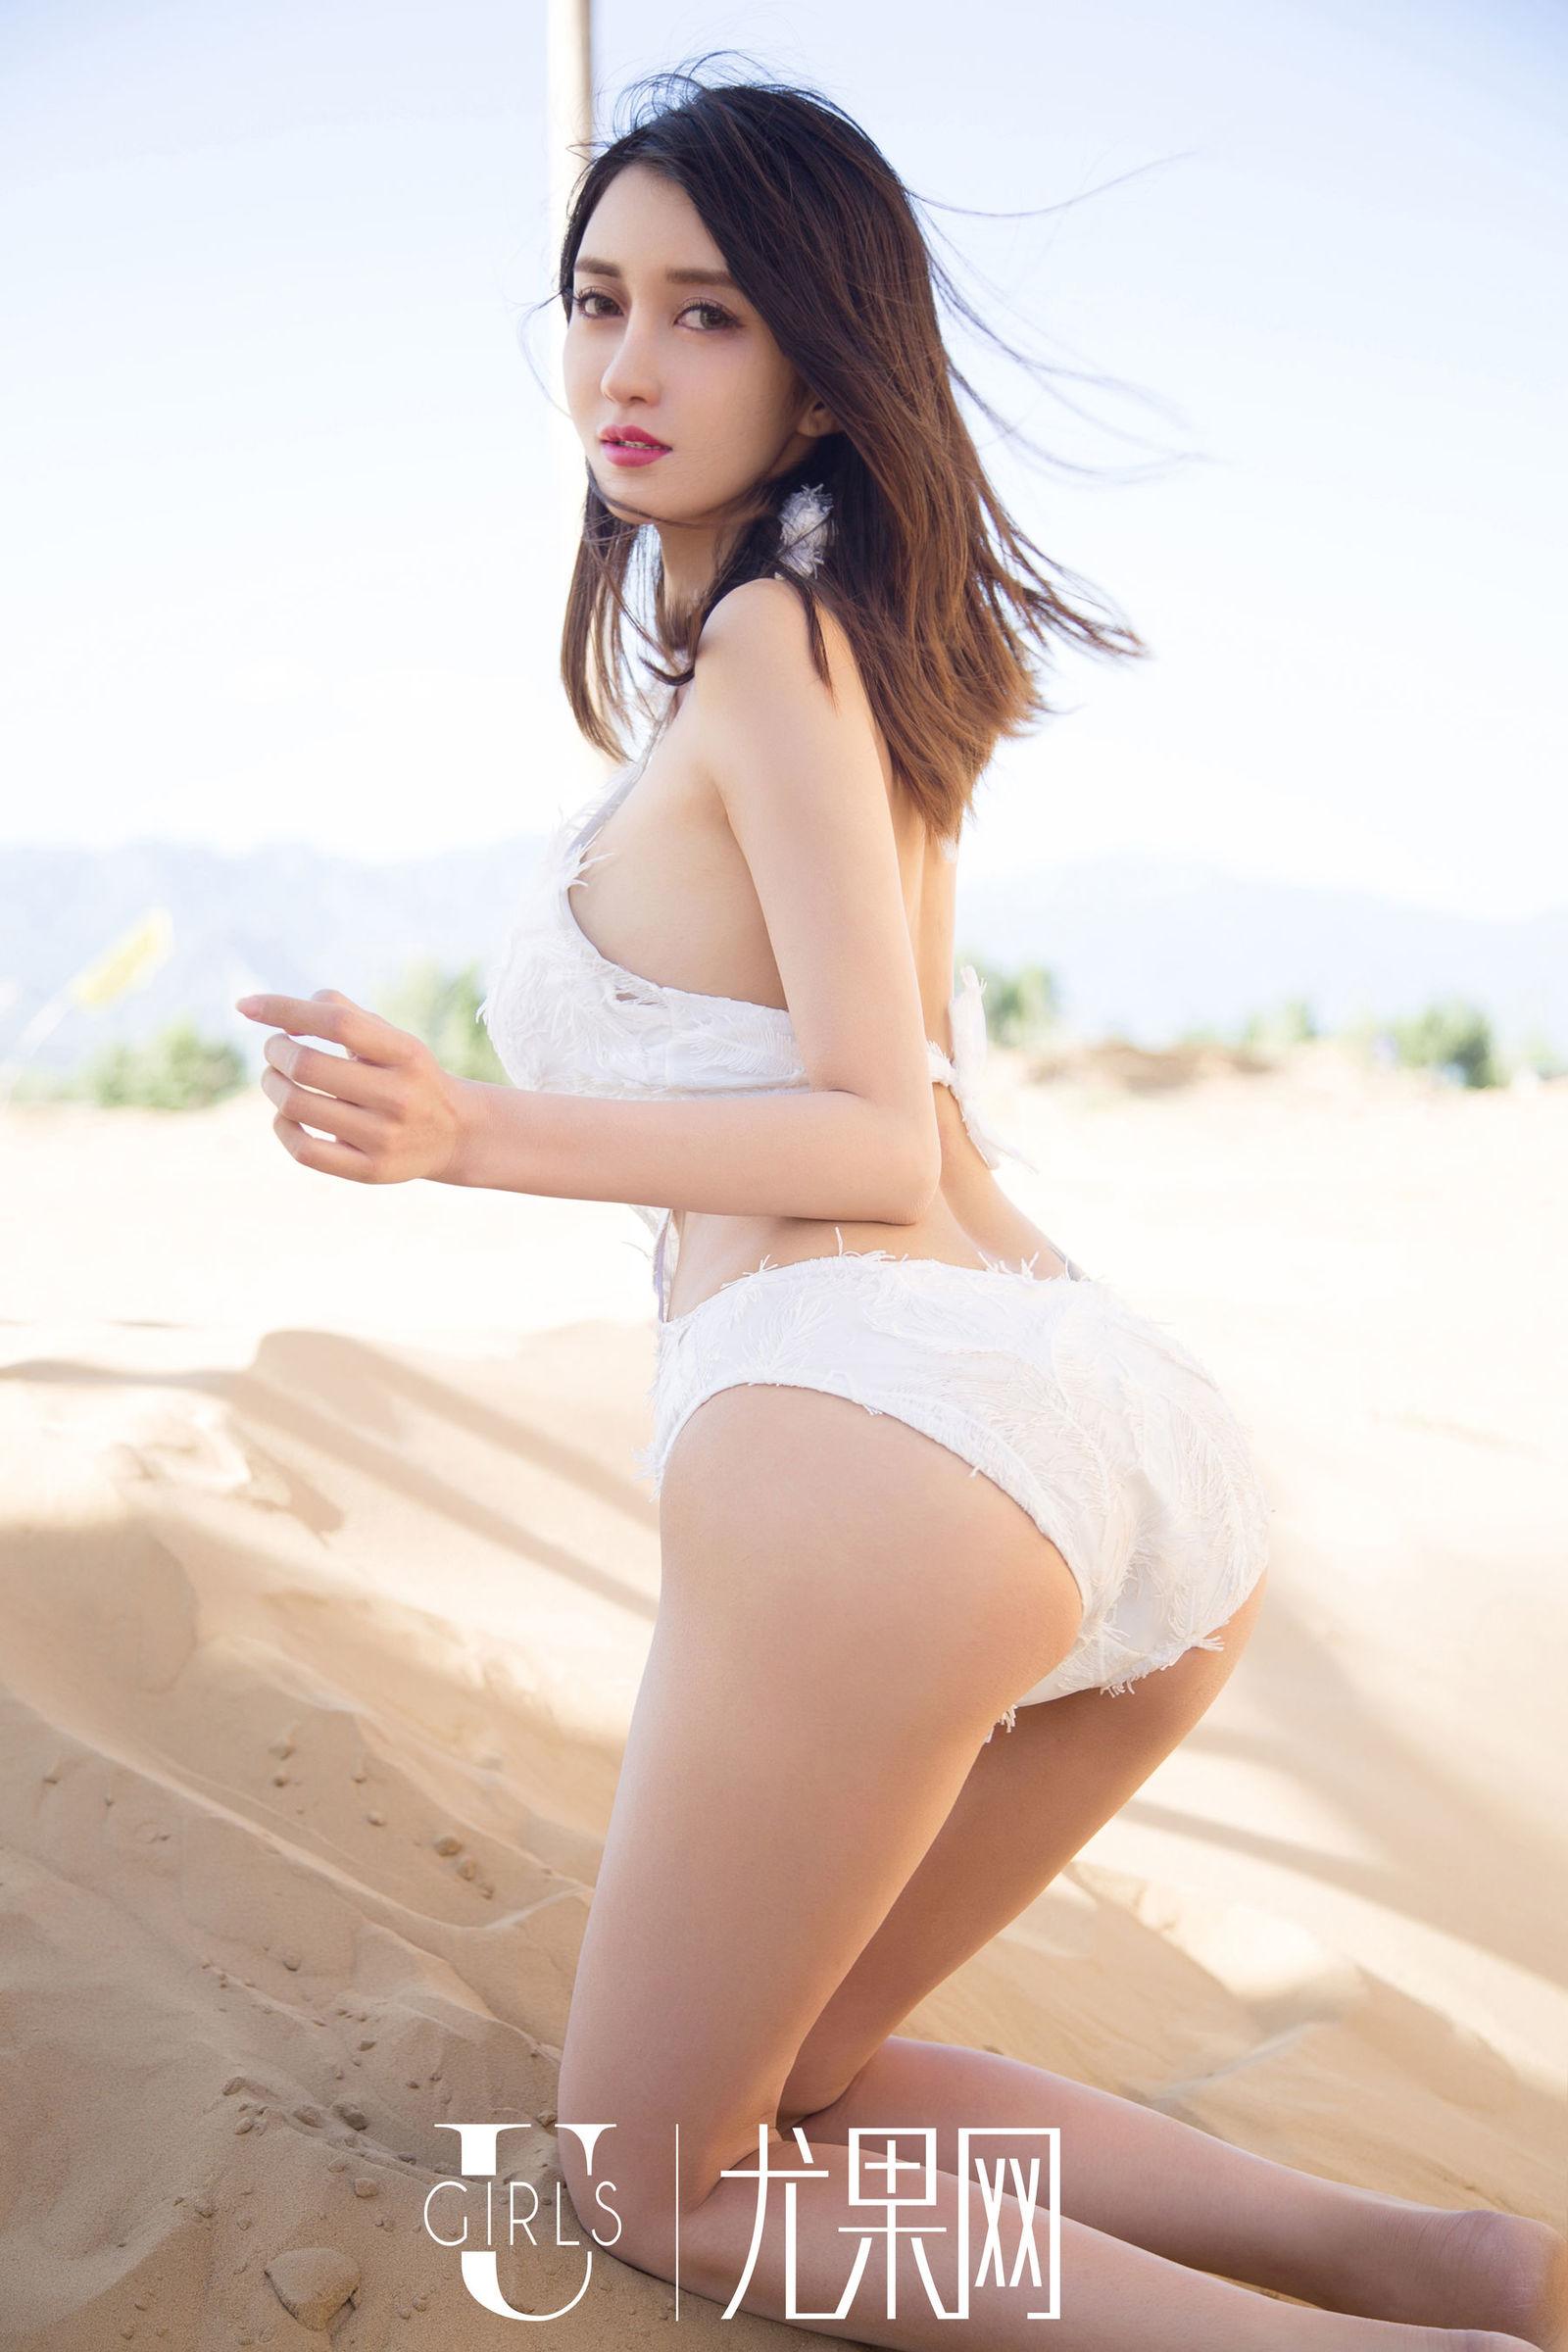 田梓茵 写真套图